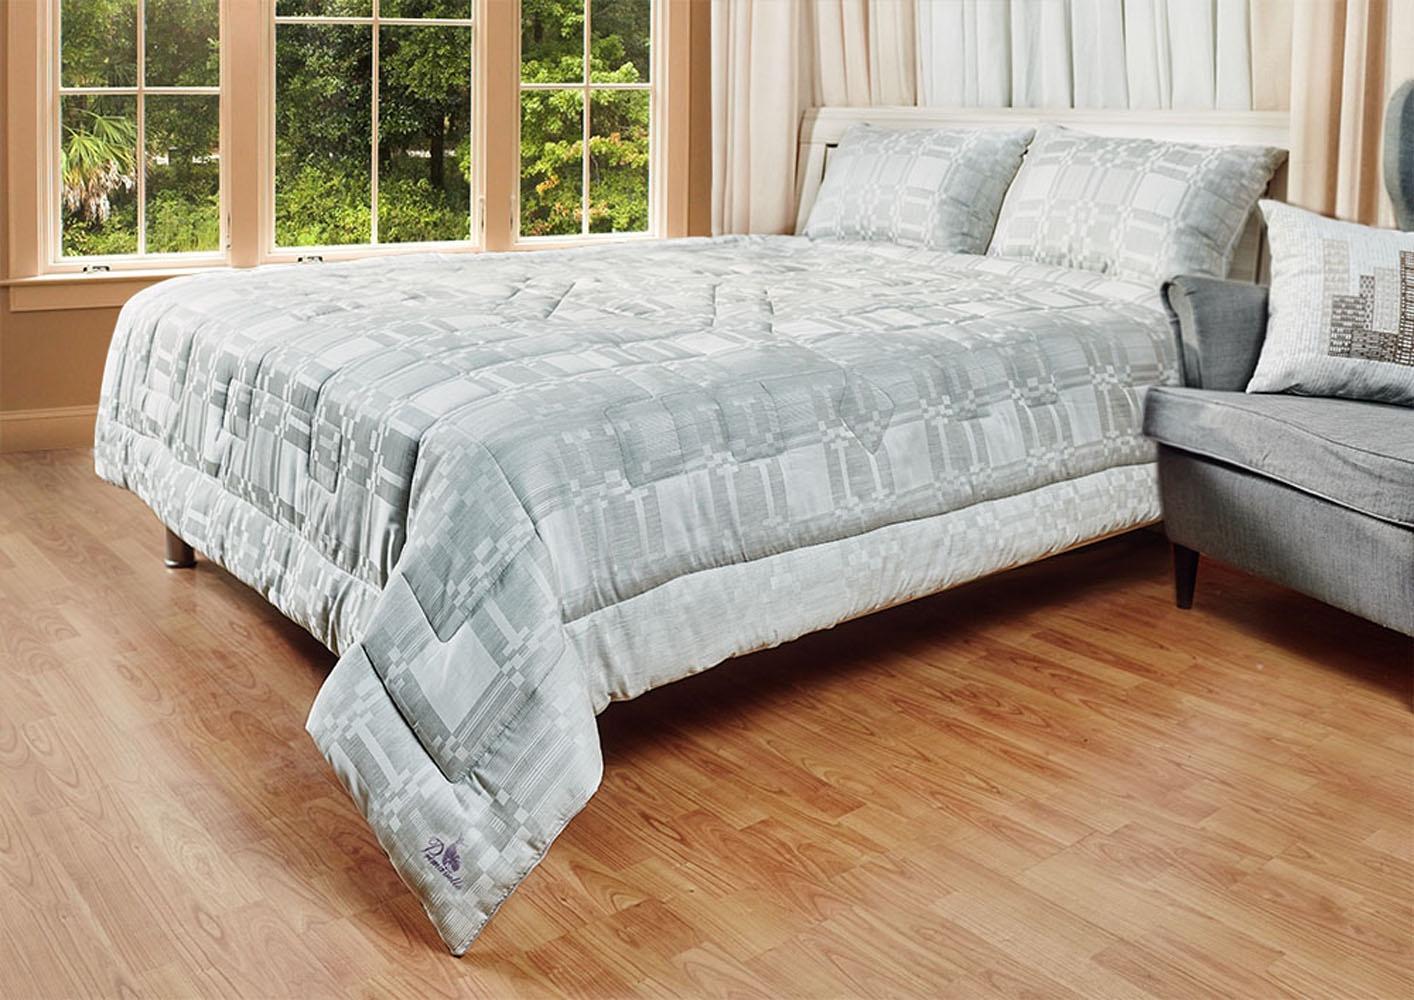 Одеяло Primavelle Lino 200х220, светло-серый ртутный домашний текстиль mercury постельные принадлежности хлопок хлопок хлопок аккумуляторная бумага одеяло покрывало малый flyer double 1 5m bed